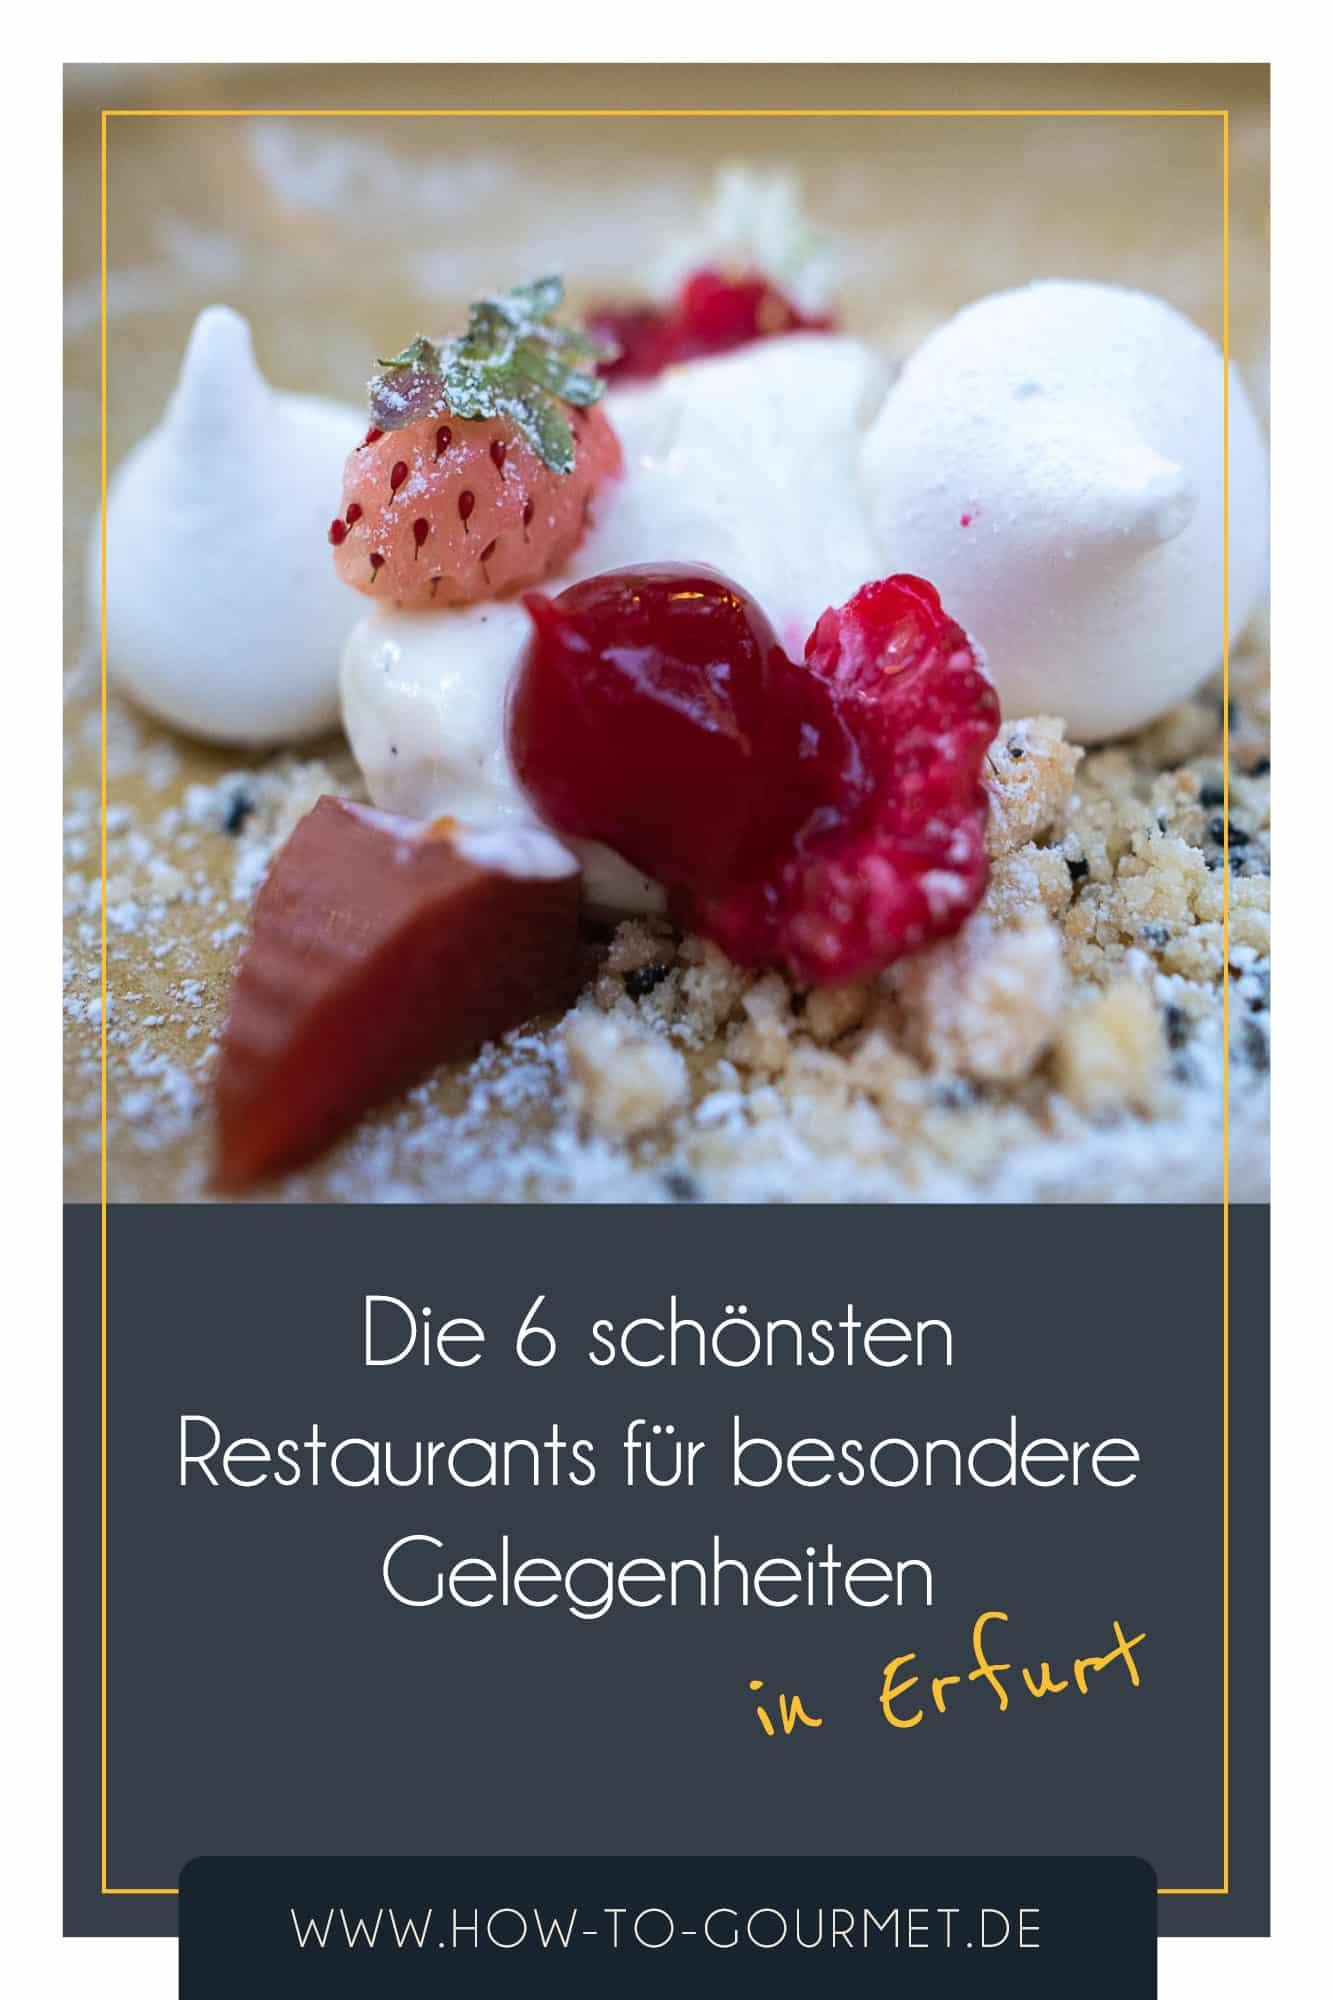 Restaurants für besondere Gelegenheiten in Erfurt